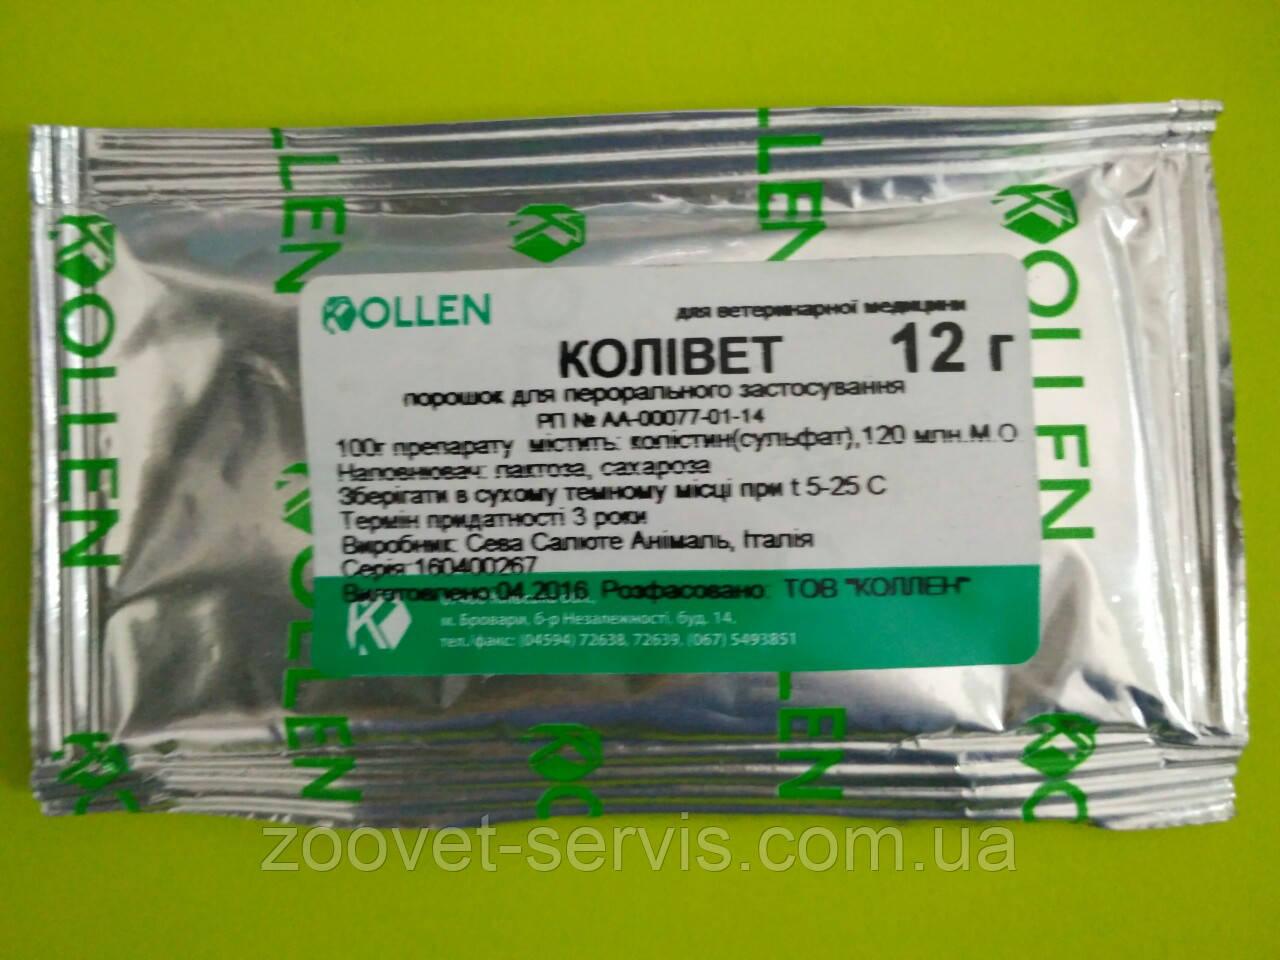 Коливет (колистина сульфат)антибиотик для цыплят, бройлеров, индюшат и поросят12 г